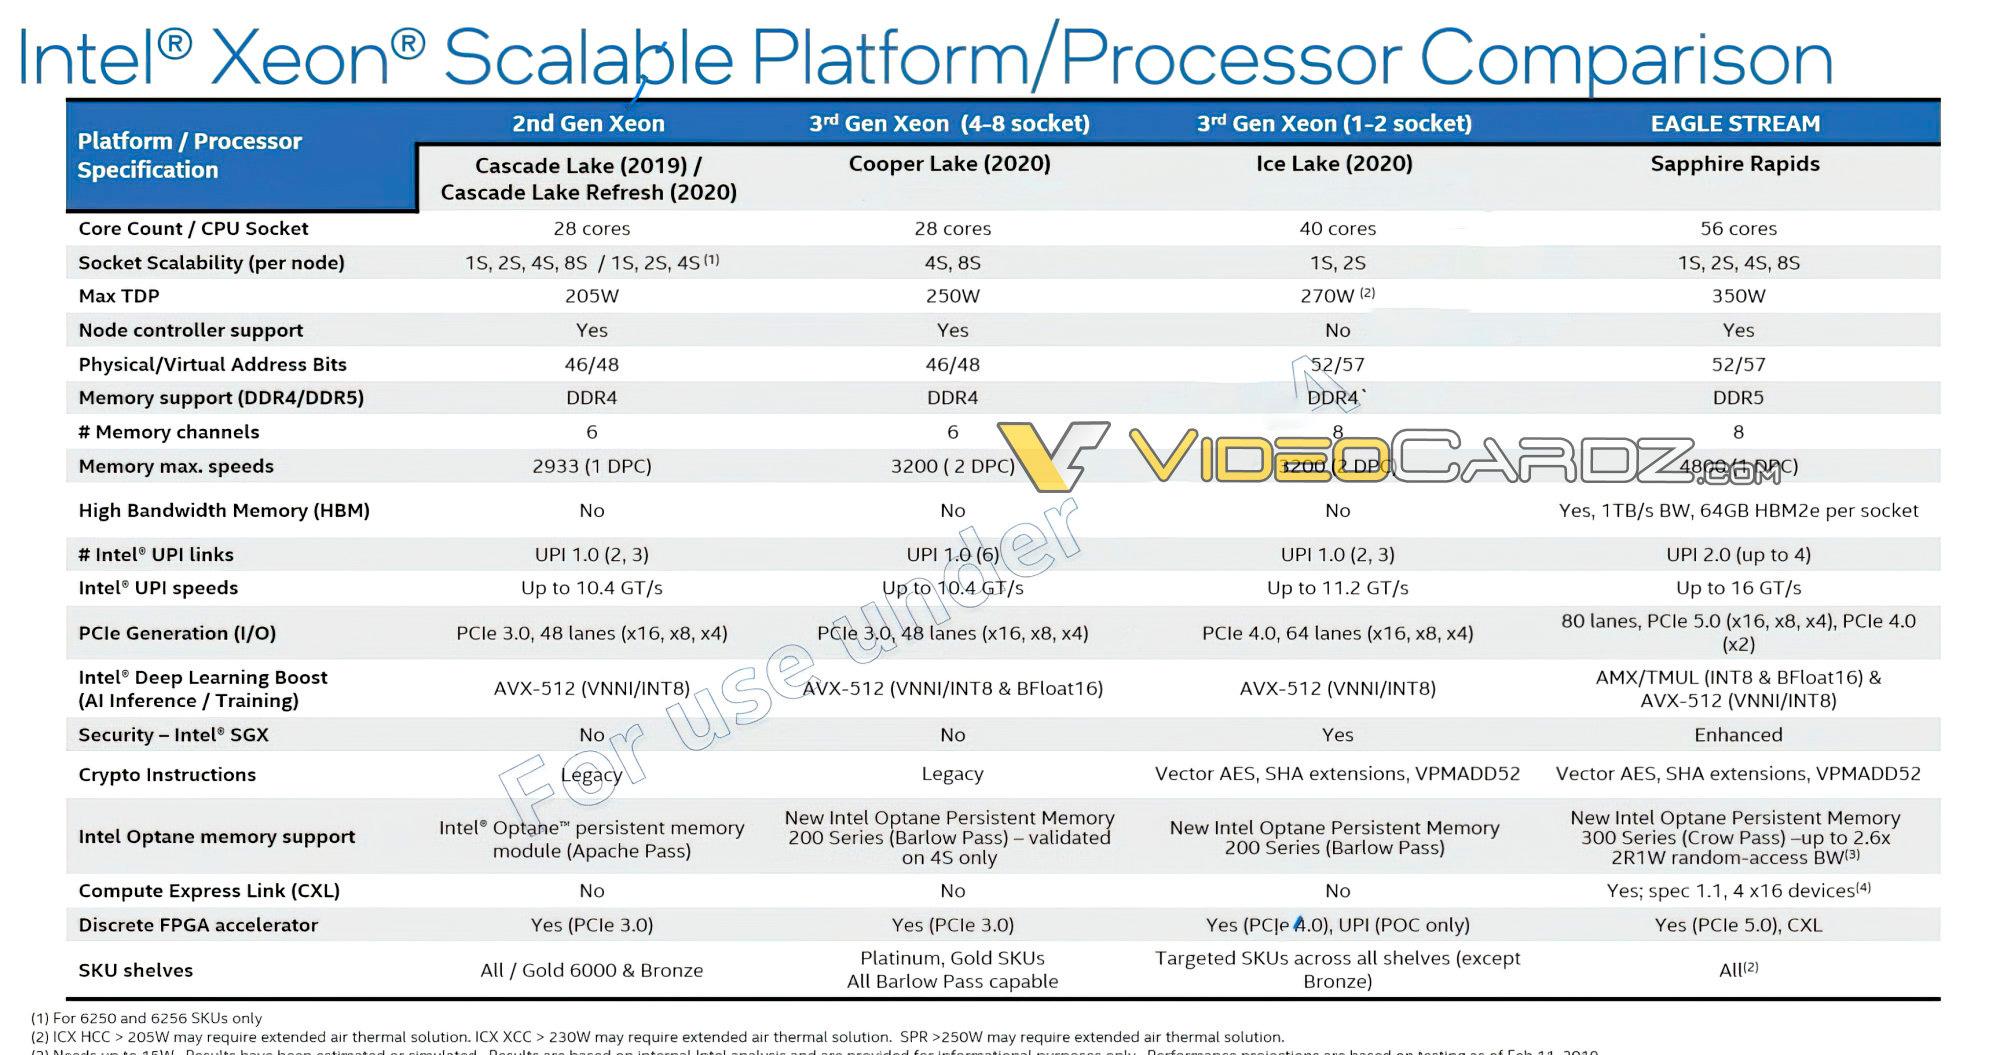 Intel Sapphire Rapids получат до 56 ядер, 64 ГБ встроенной памяти HBM2E и до 350 Вт TDP